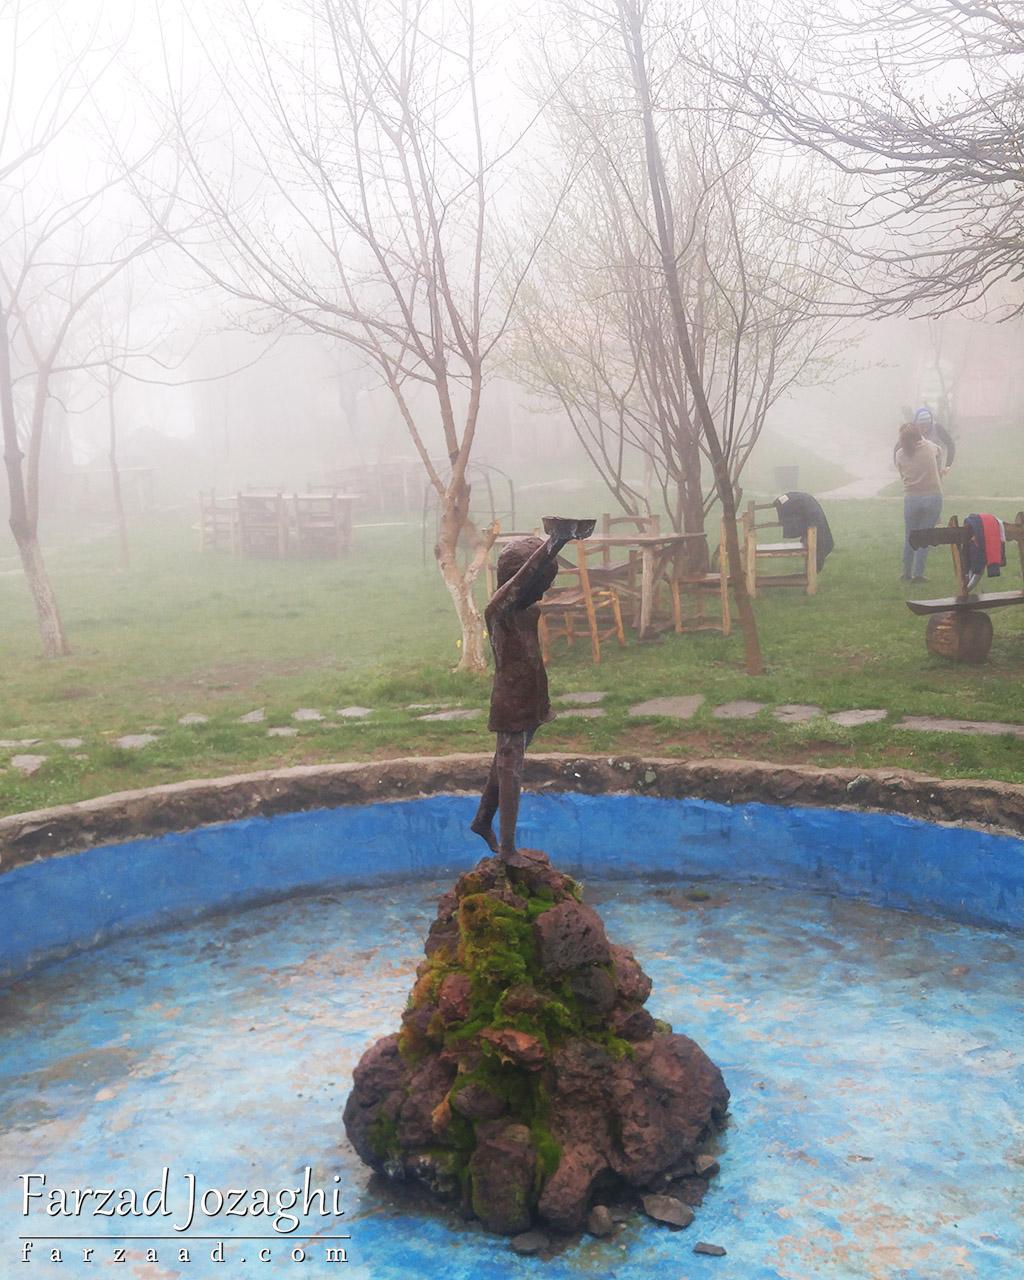 مجسمه کودک گدا در هتل هارسنادریزورت تاتو ارمنستان